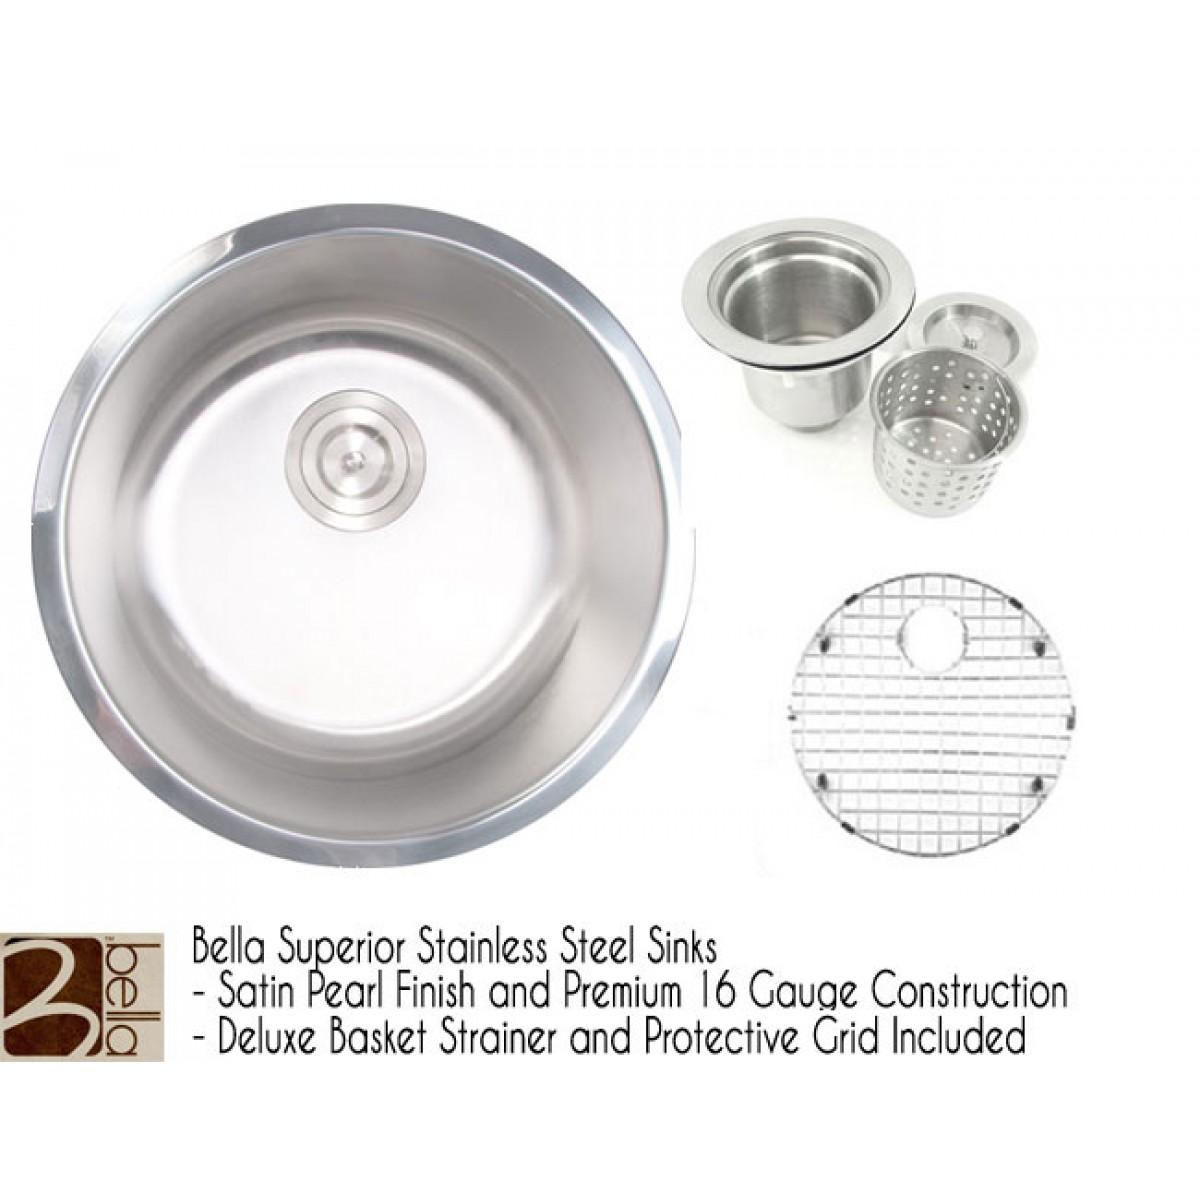 bella 18 inch premium 16 gauge stainless steel undermount single bowl kitchen   bar   prep bella 46 inch stainless steel undermount triple bowl kitchen sink      rh   emoderndecor com